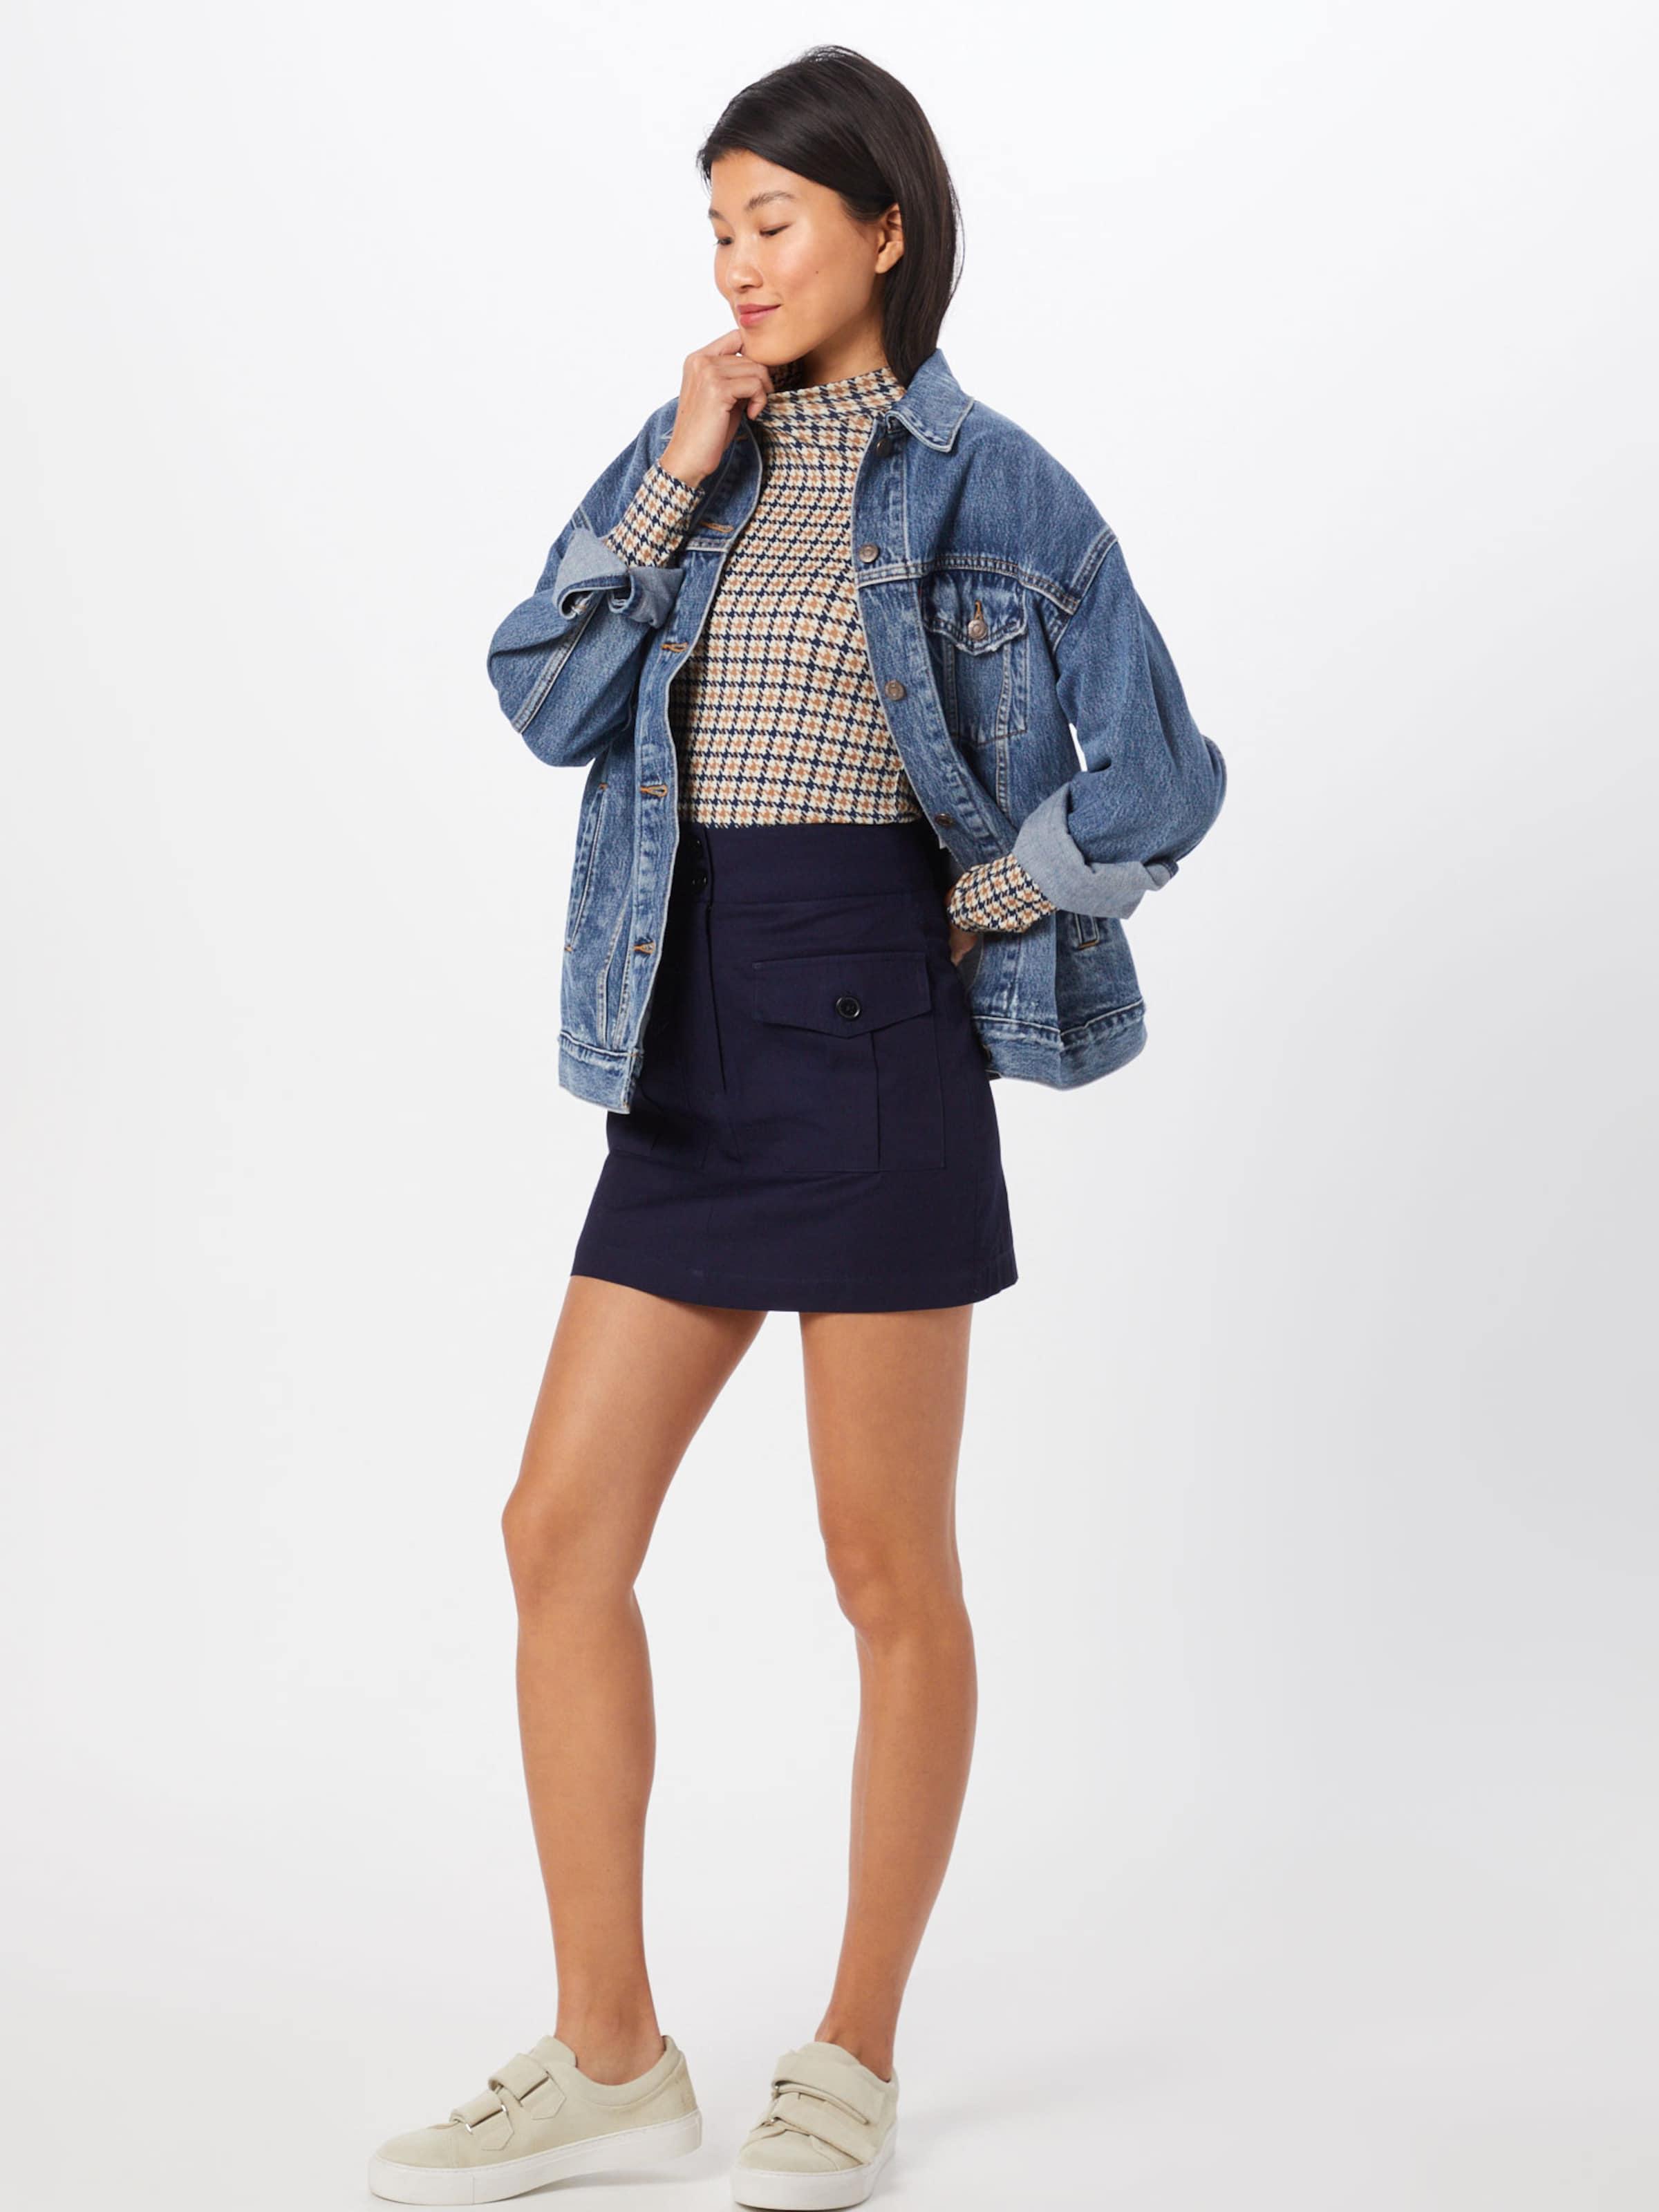 'jordan' Bleu Foncé Union En Jupe Fashion cA3RjSq54L